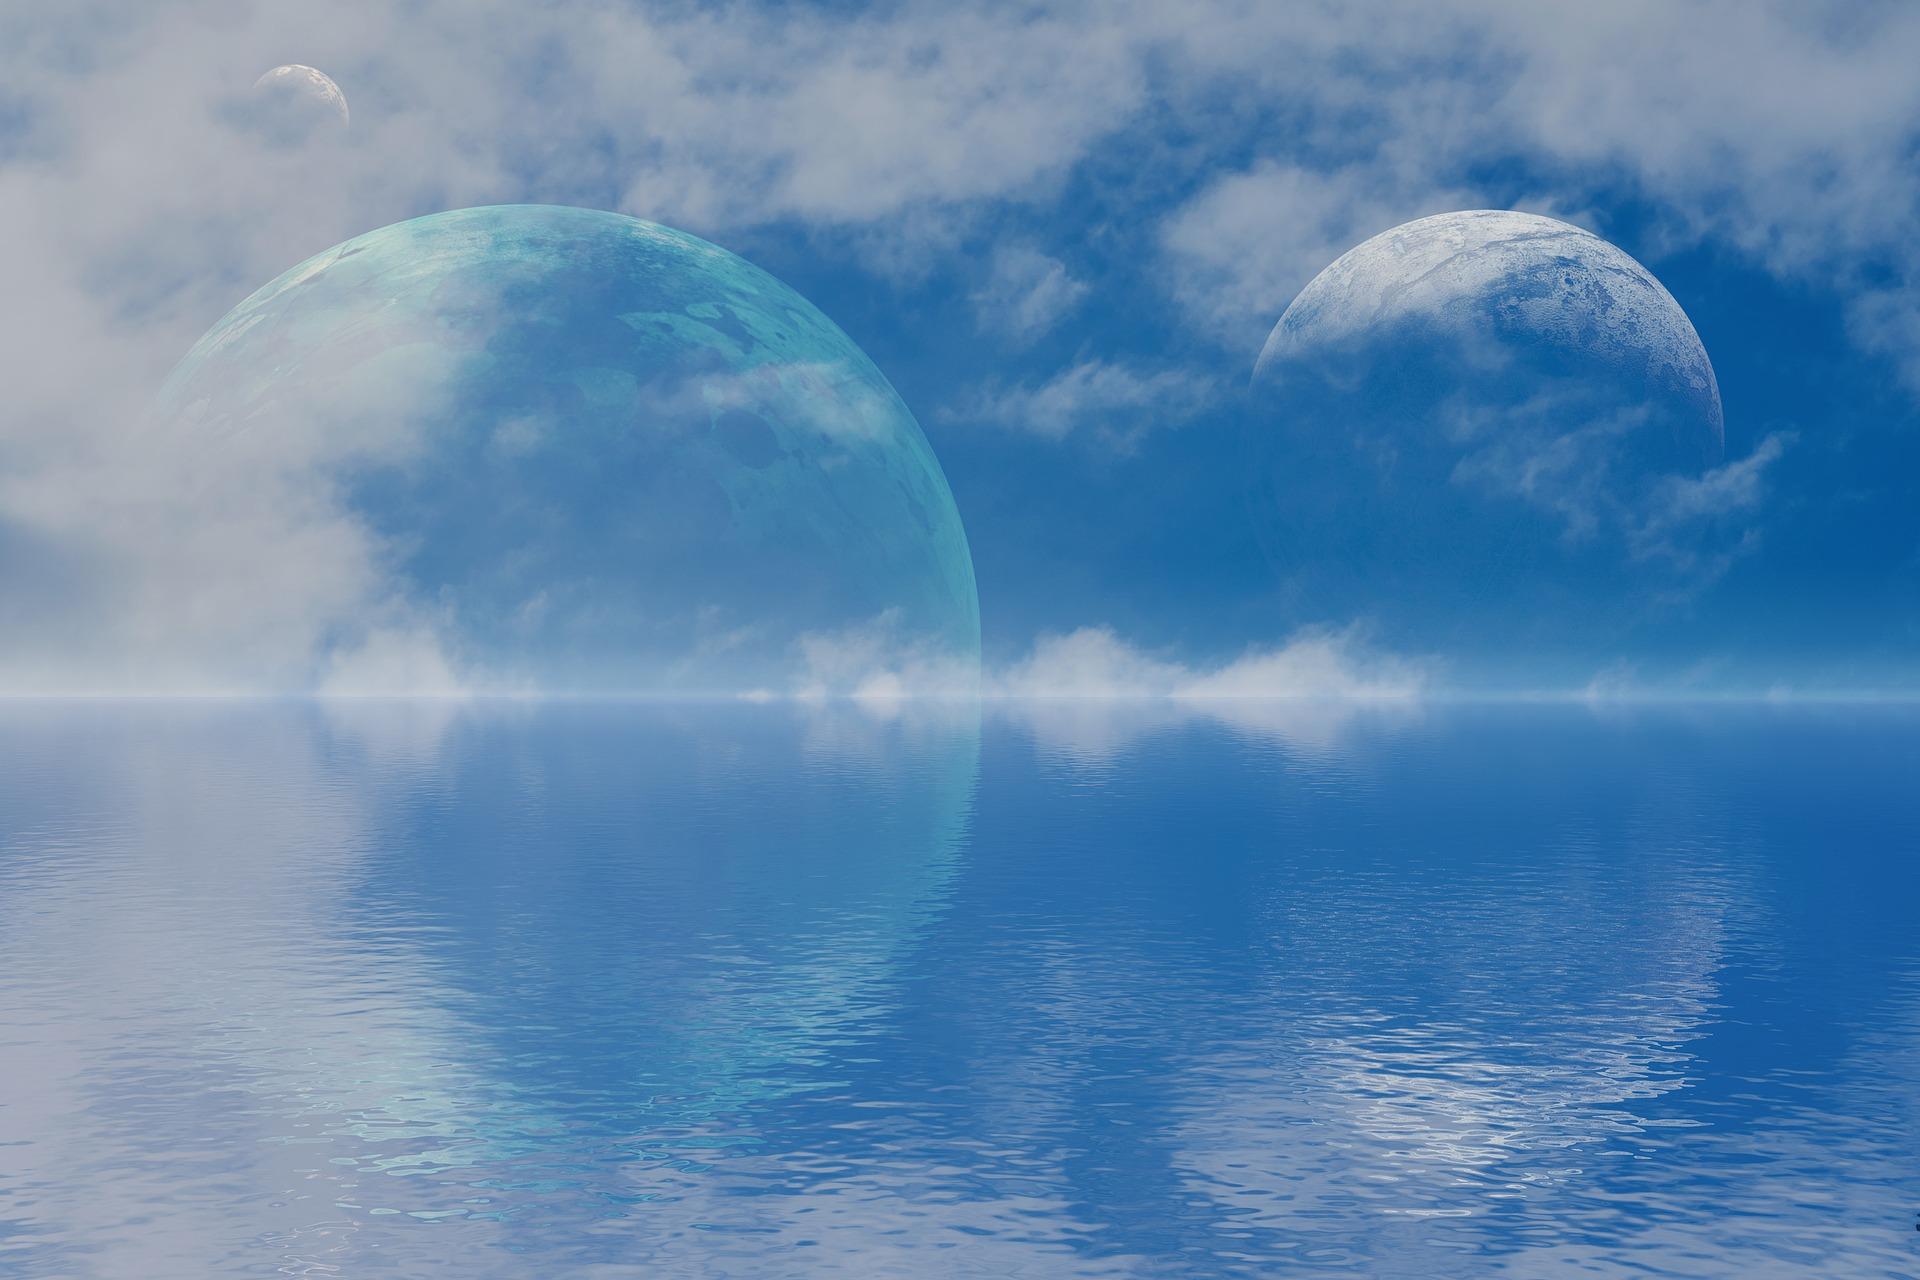 Мир без суши: если бы Земля была покрыта океаном 3